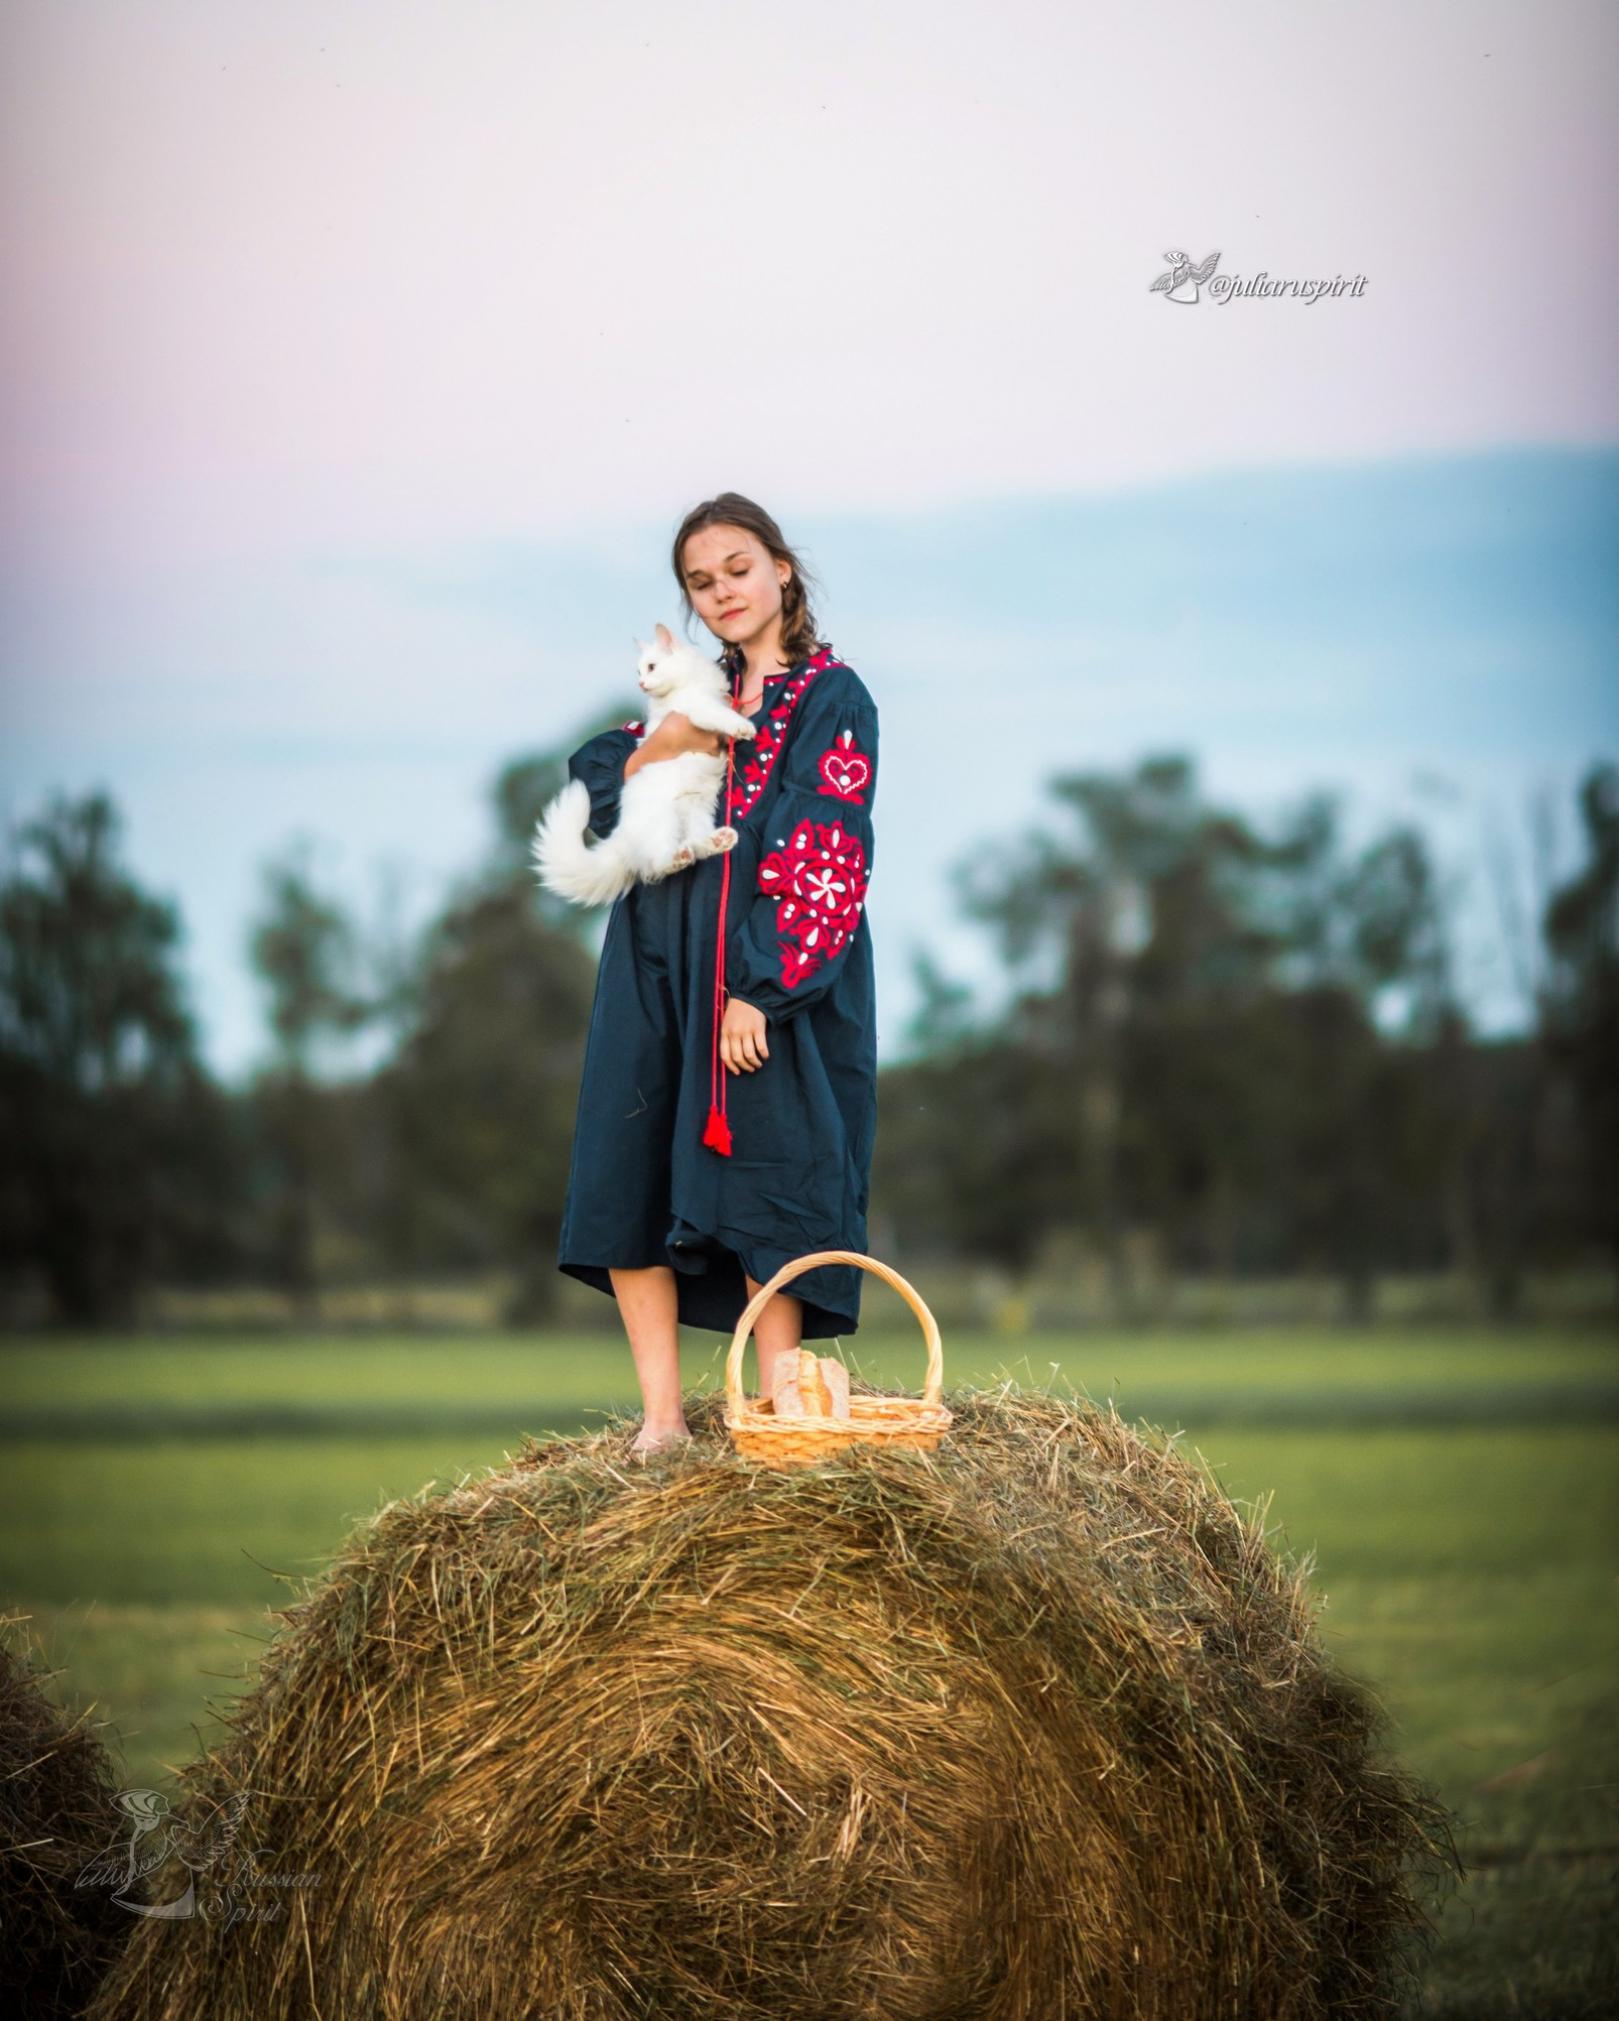 девочка на стоге сена в национальном синем платье